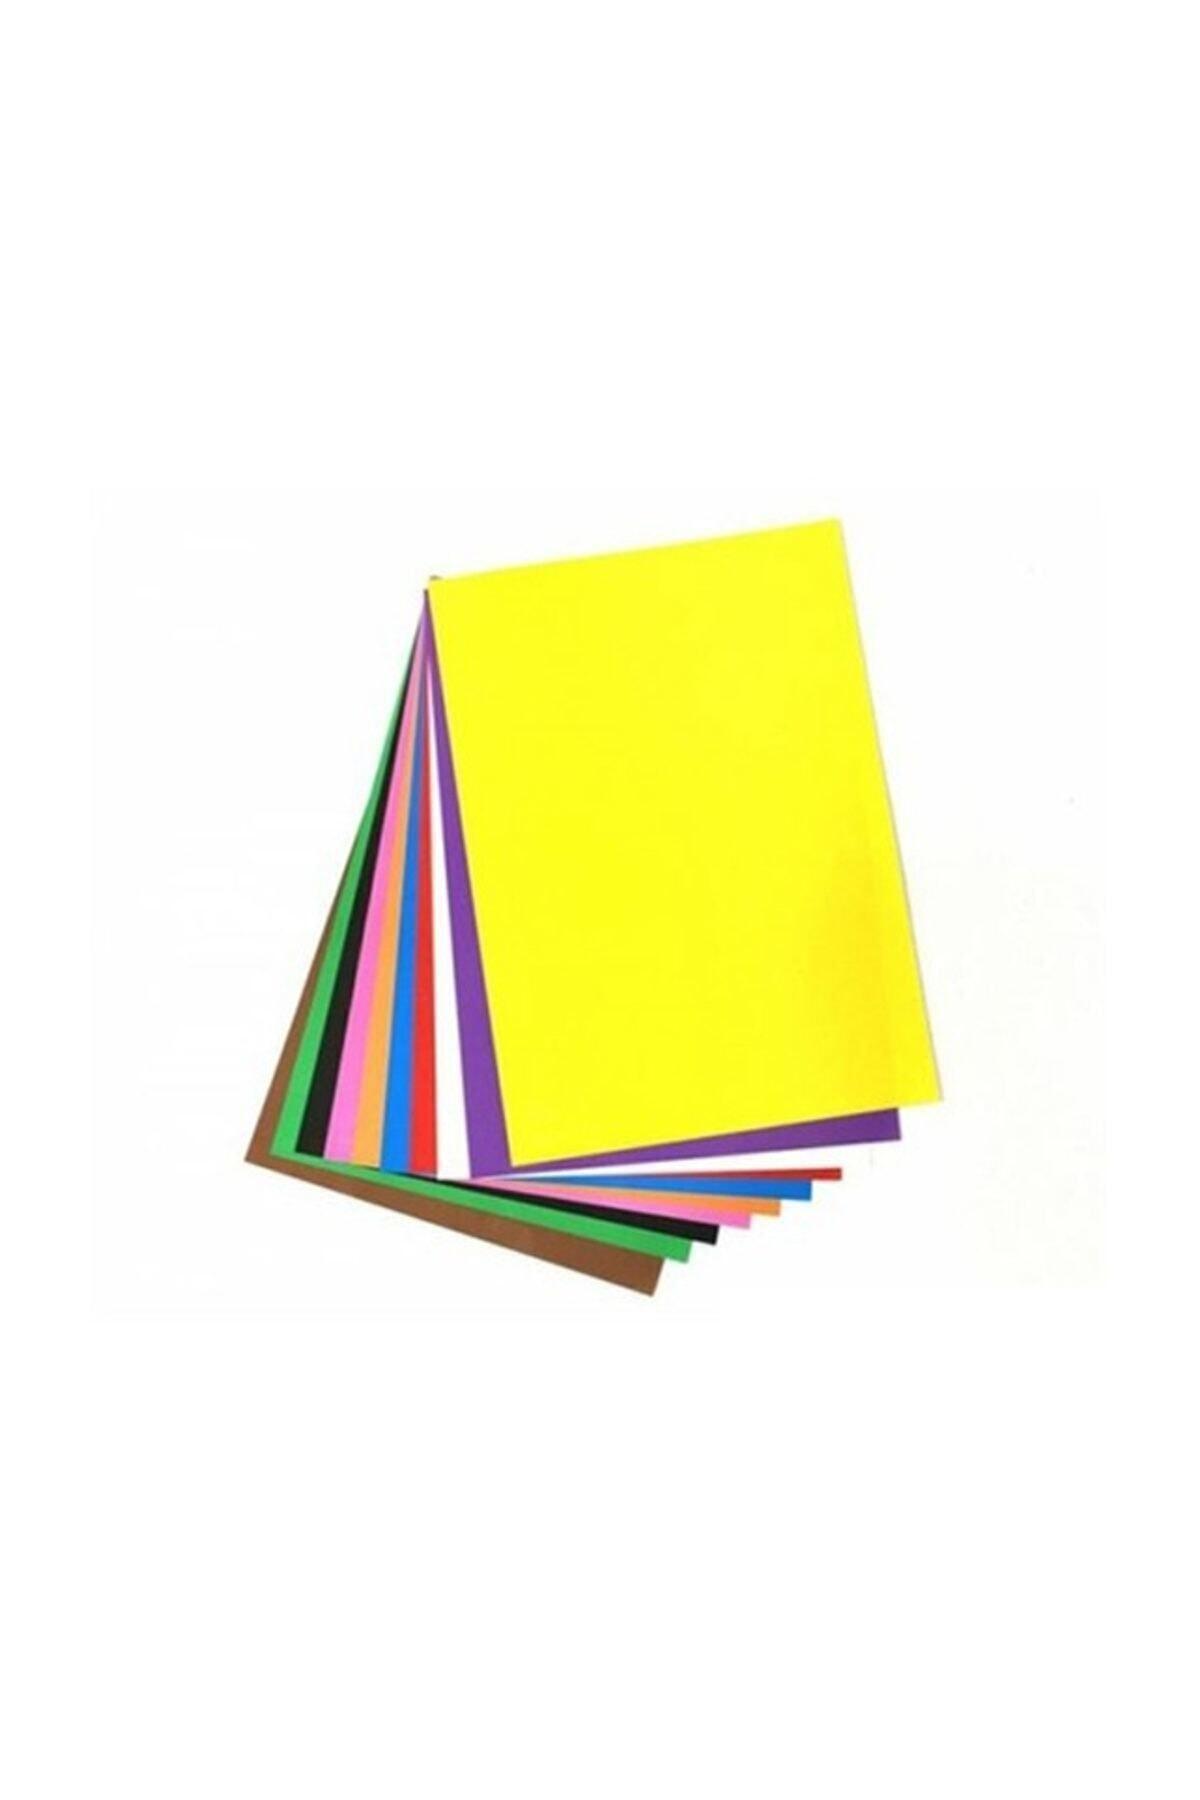 1 org zoom A4 Elişi Kağıdı Poşetli 10 Renk San304 ( Kırtasiye)